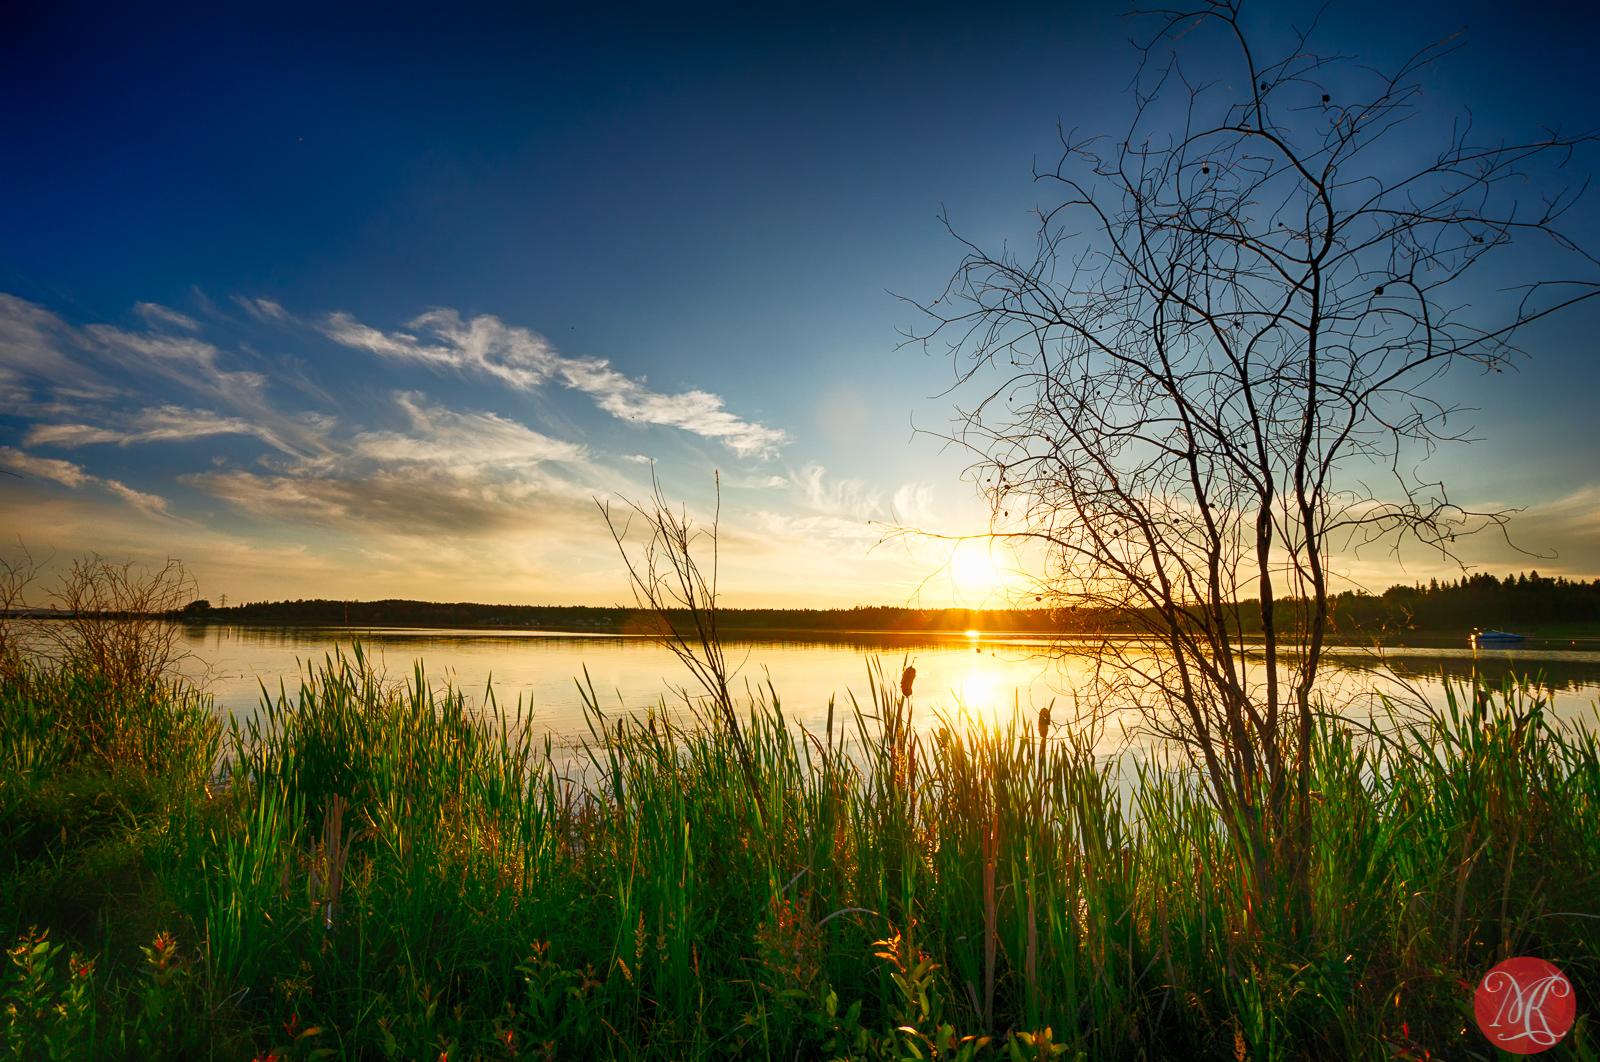 Evening at Wabamun Lake 1